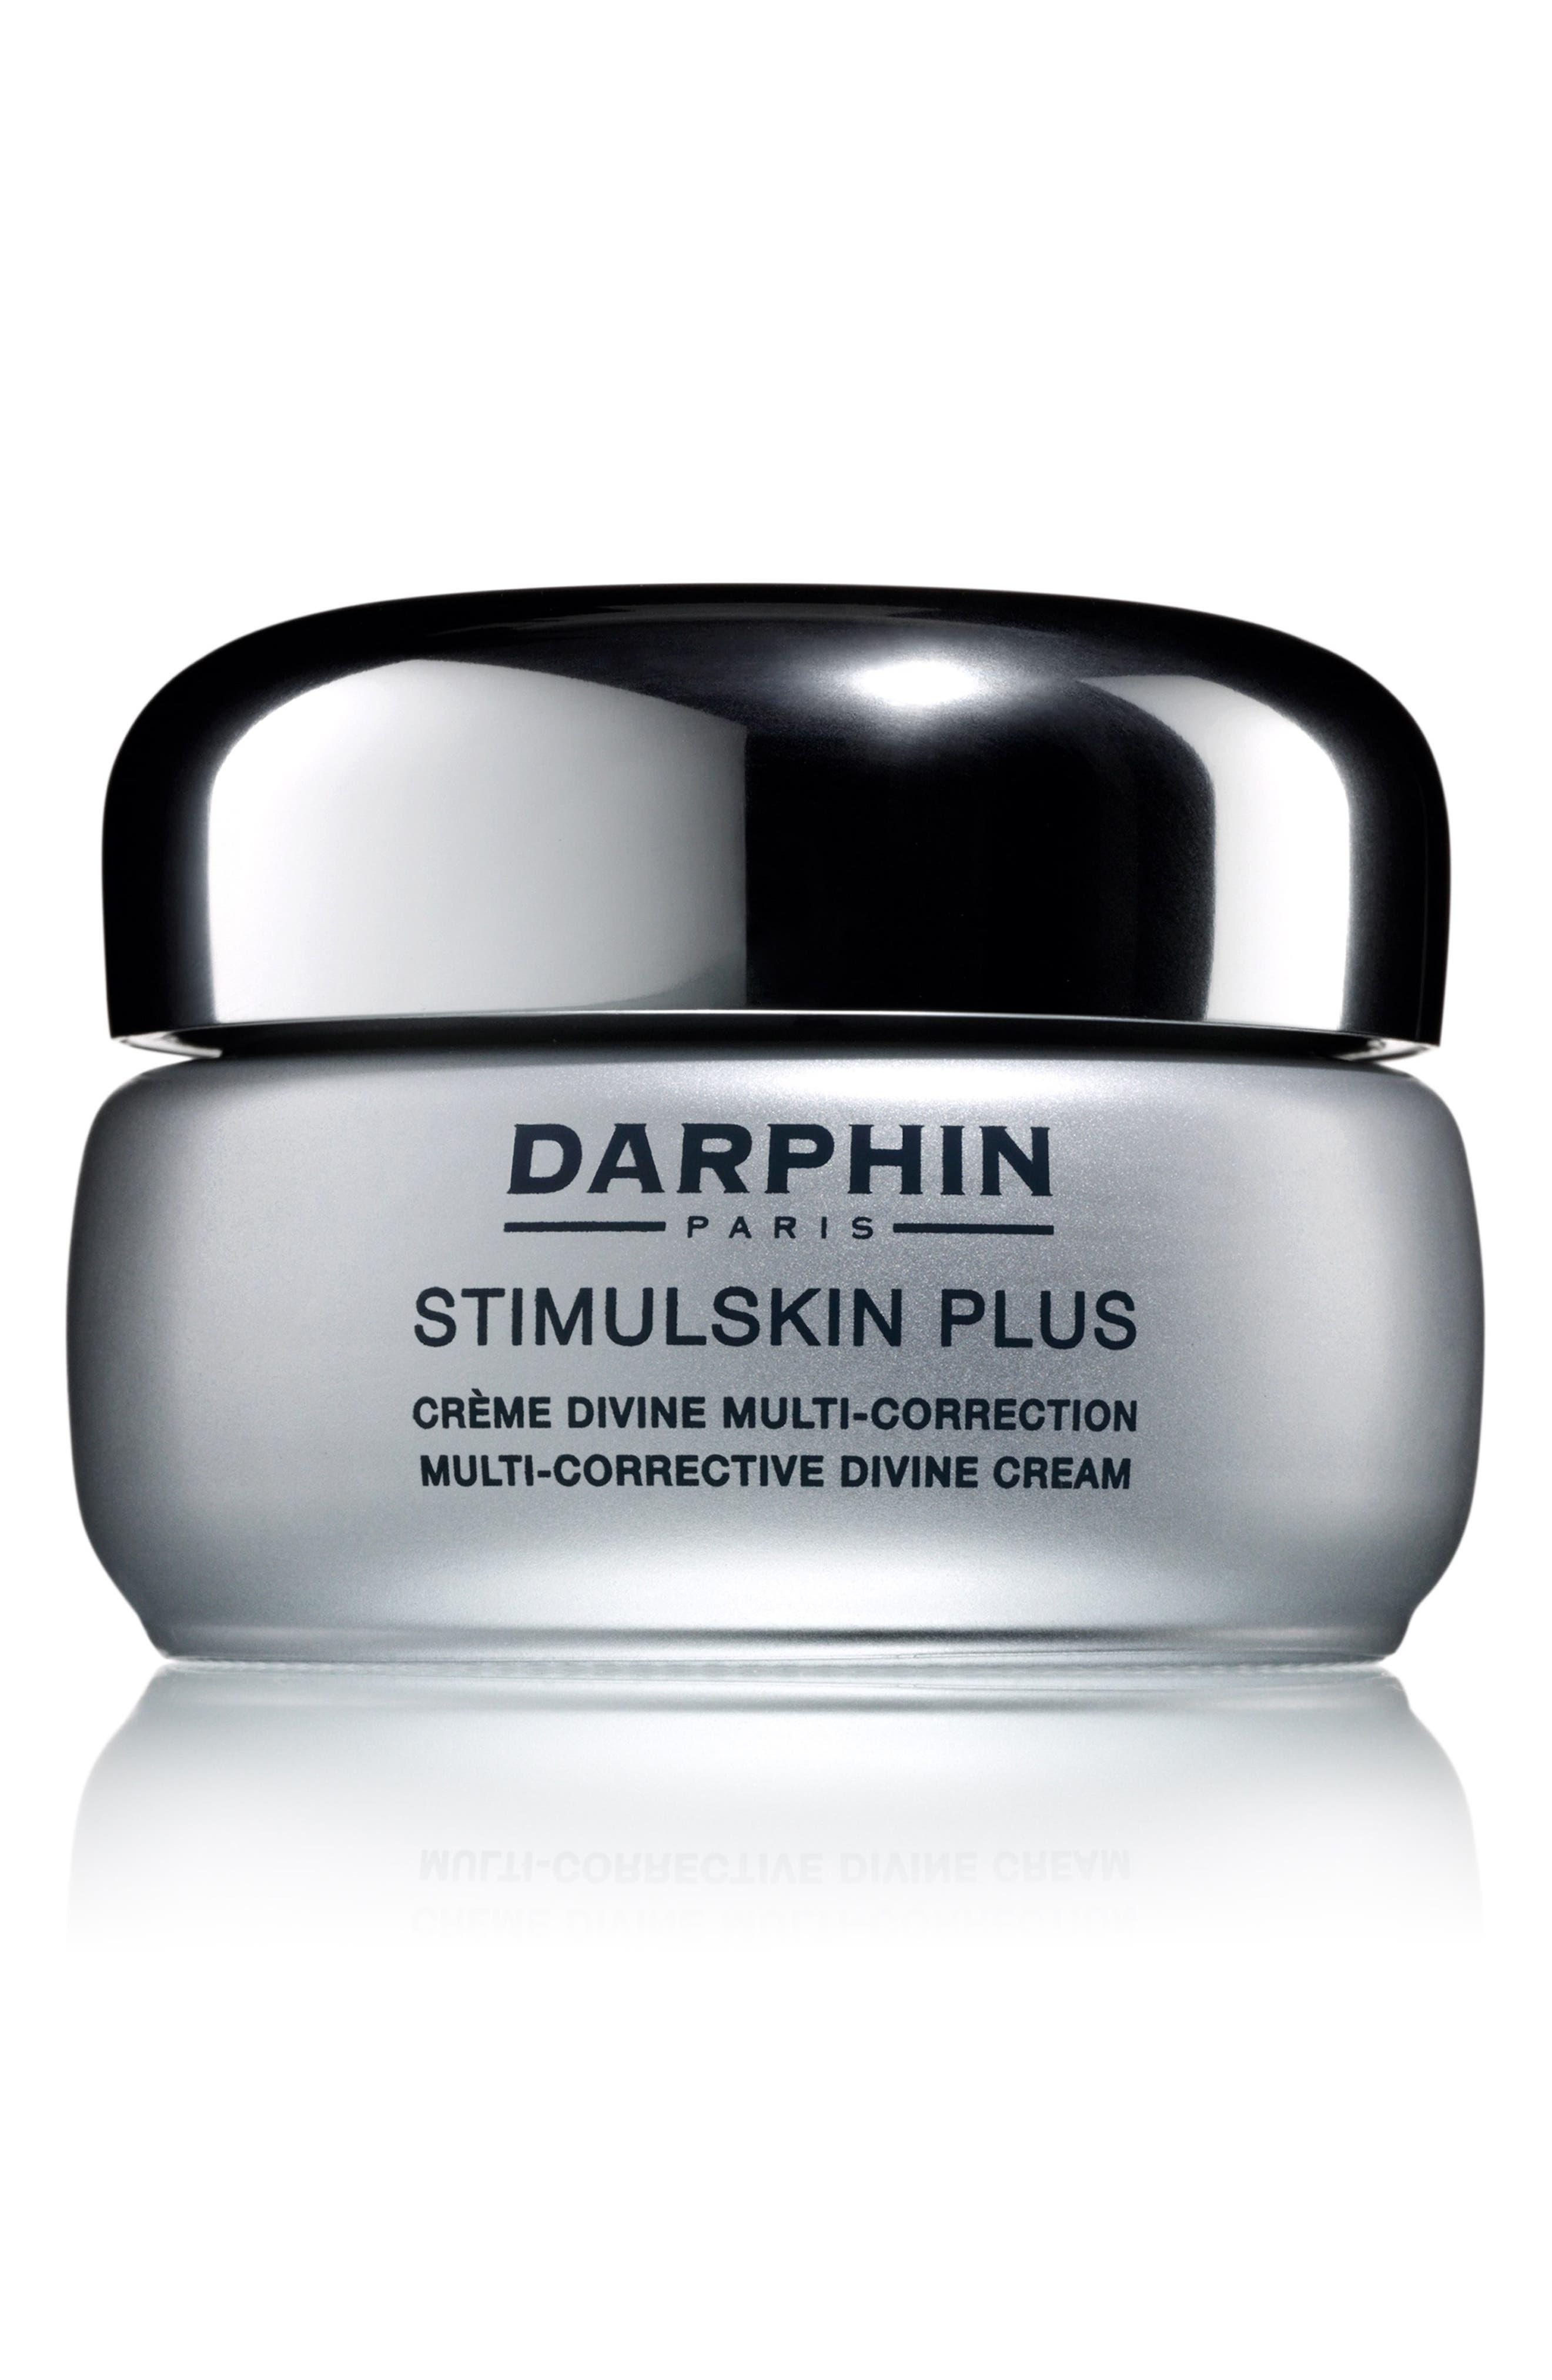 Stimulskin Plus Multi-Corrective Divine Cream,                             Main thumbnail 1, color,                             NO COLOR